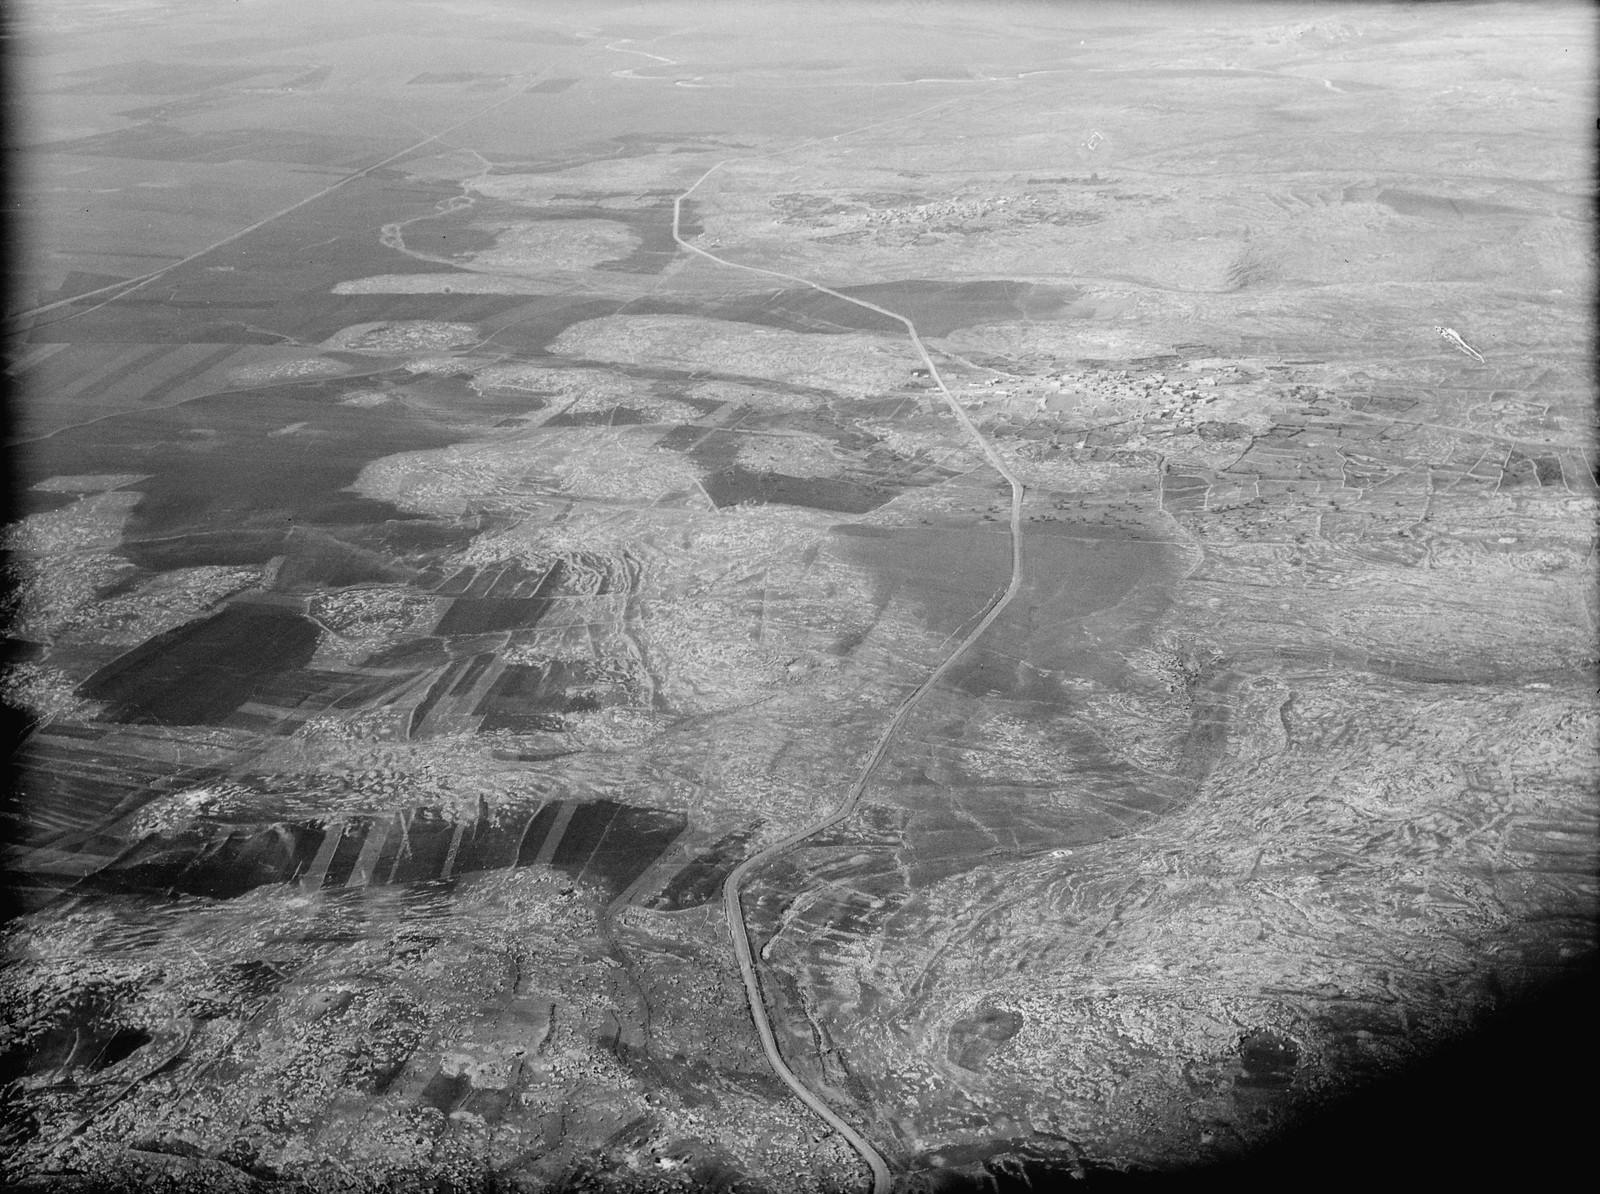 24. Дорога в Газу, выходящая из предгорий. Вид на равнину